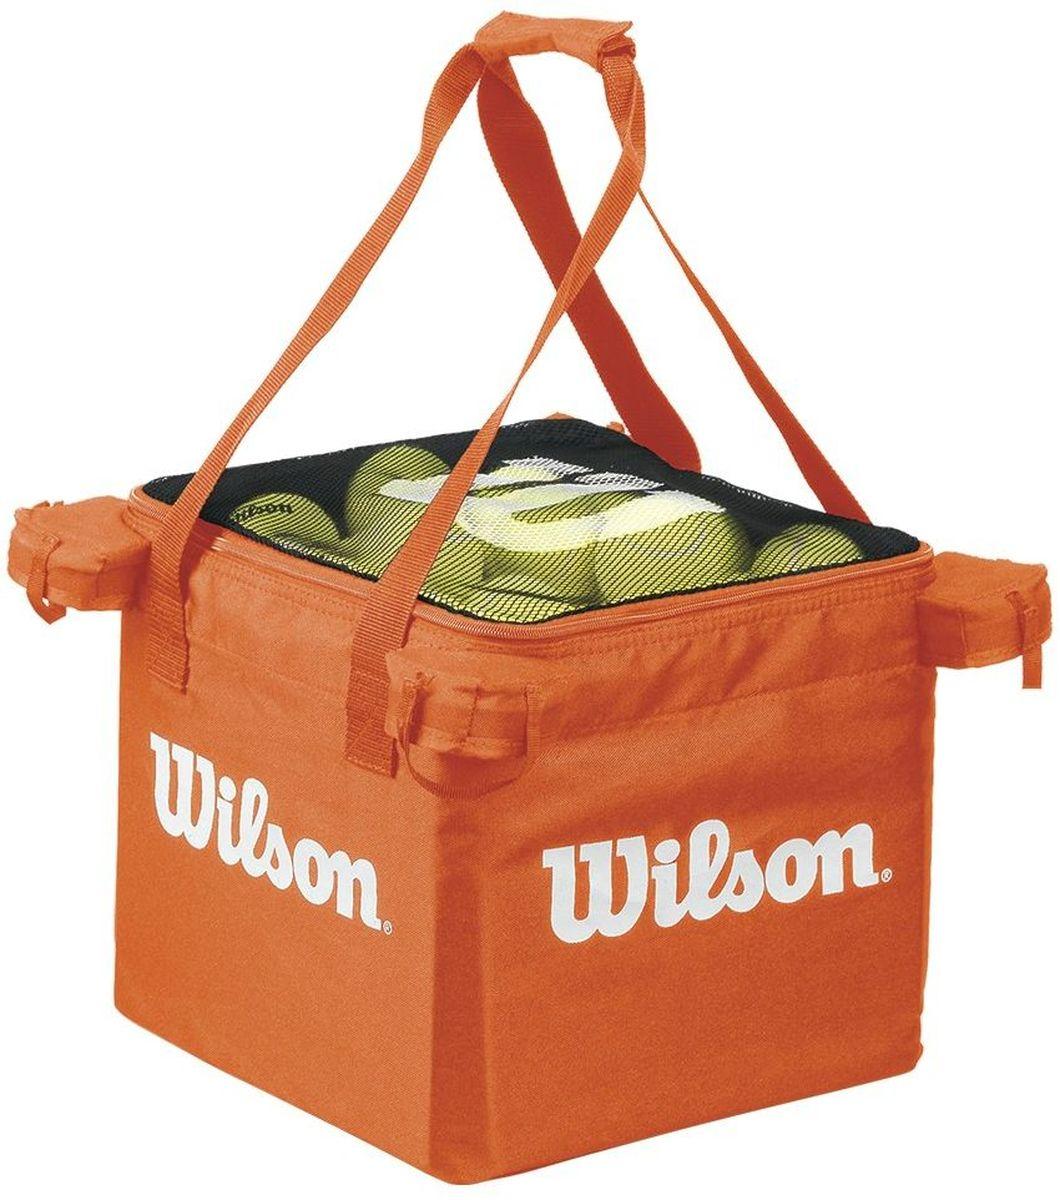 Корзина для мячей Wilson Teaching Cart, цвет: оранжевый00105Универсальная корзина для тренировок. Поможет оптимизировать тренировочный процесс. Может использоваться как основная корзина для занятий с детьми в программе Теннис до 10 лет на малых кортах, например Оранжевыми мячами.